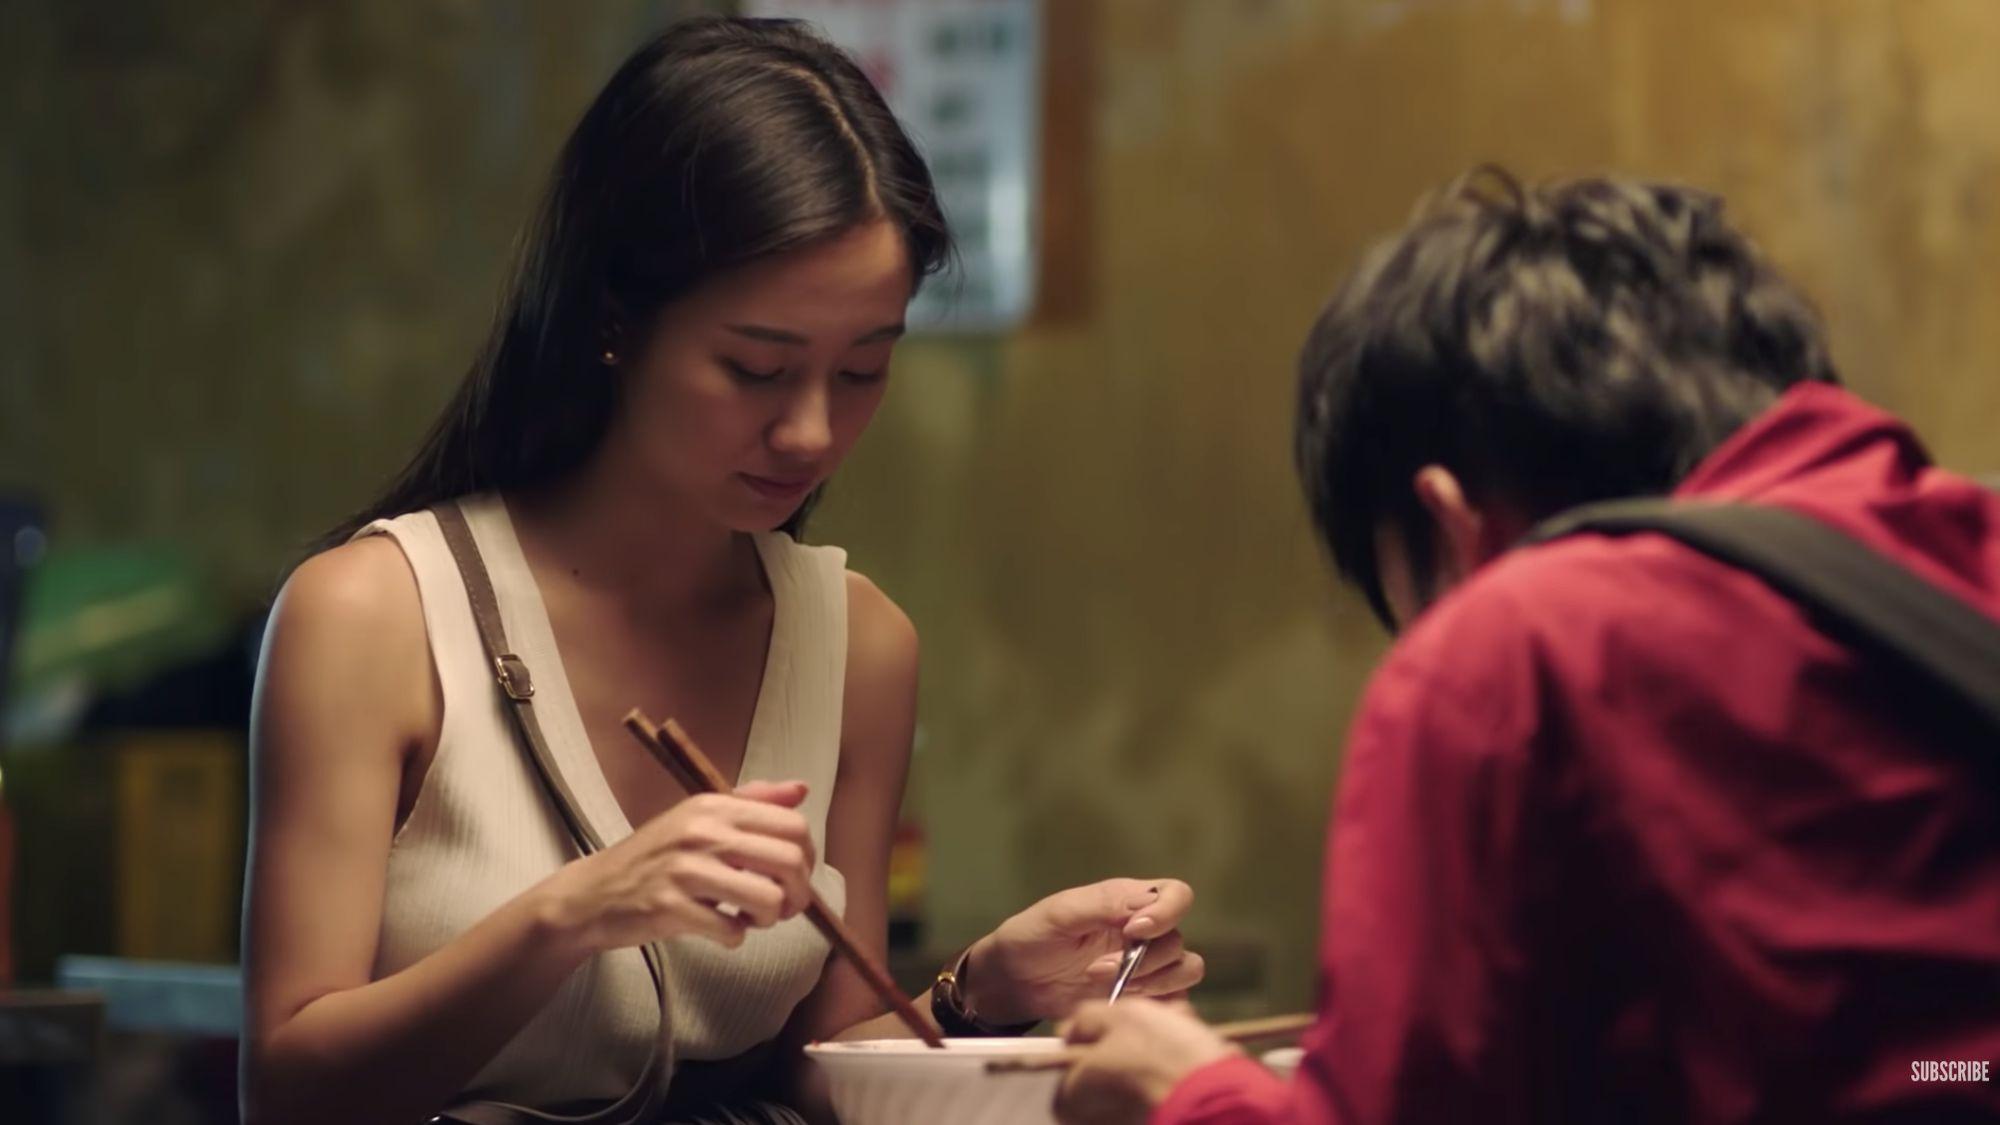 Phim Wolf (Trò Chơi Săn Người) Thái Lan hút khán giả ngay khi lên sóng (6)